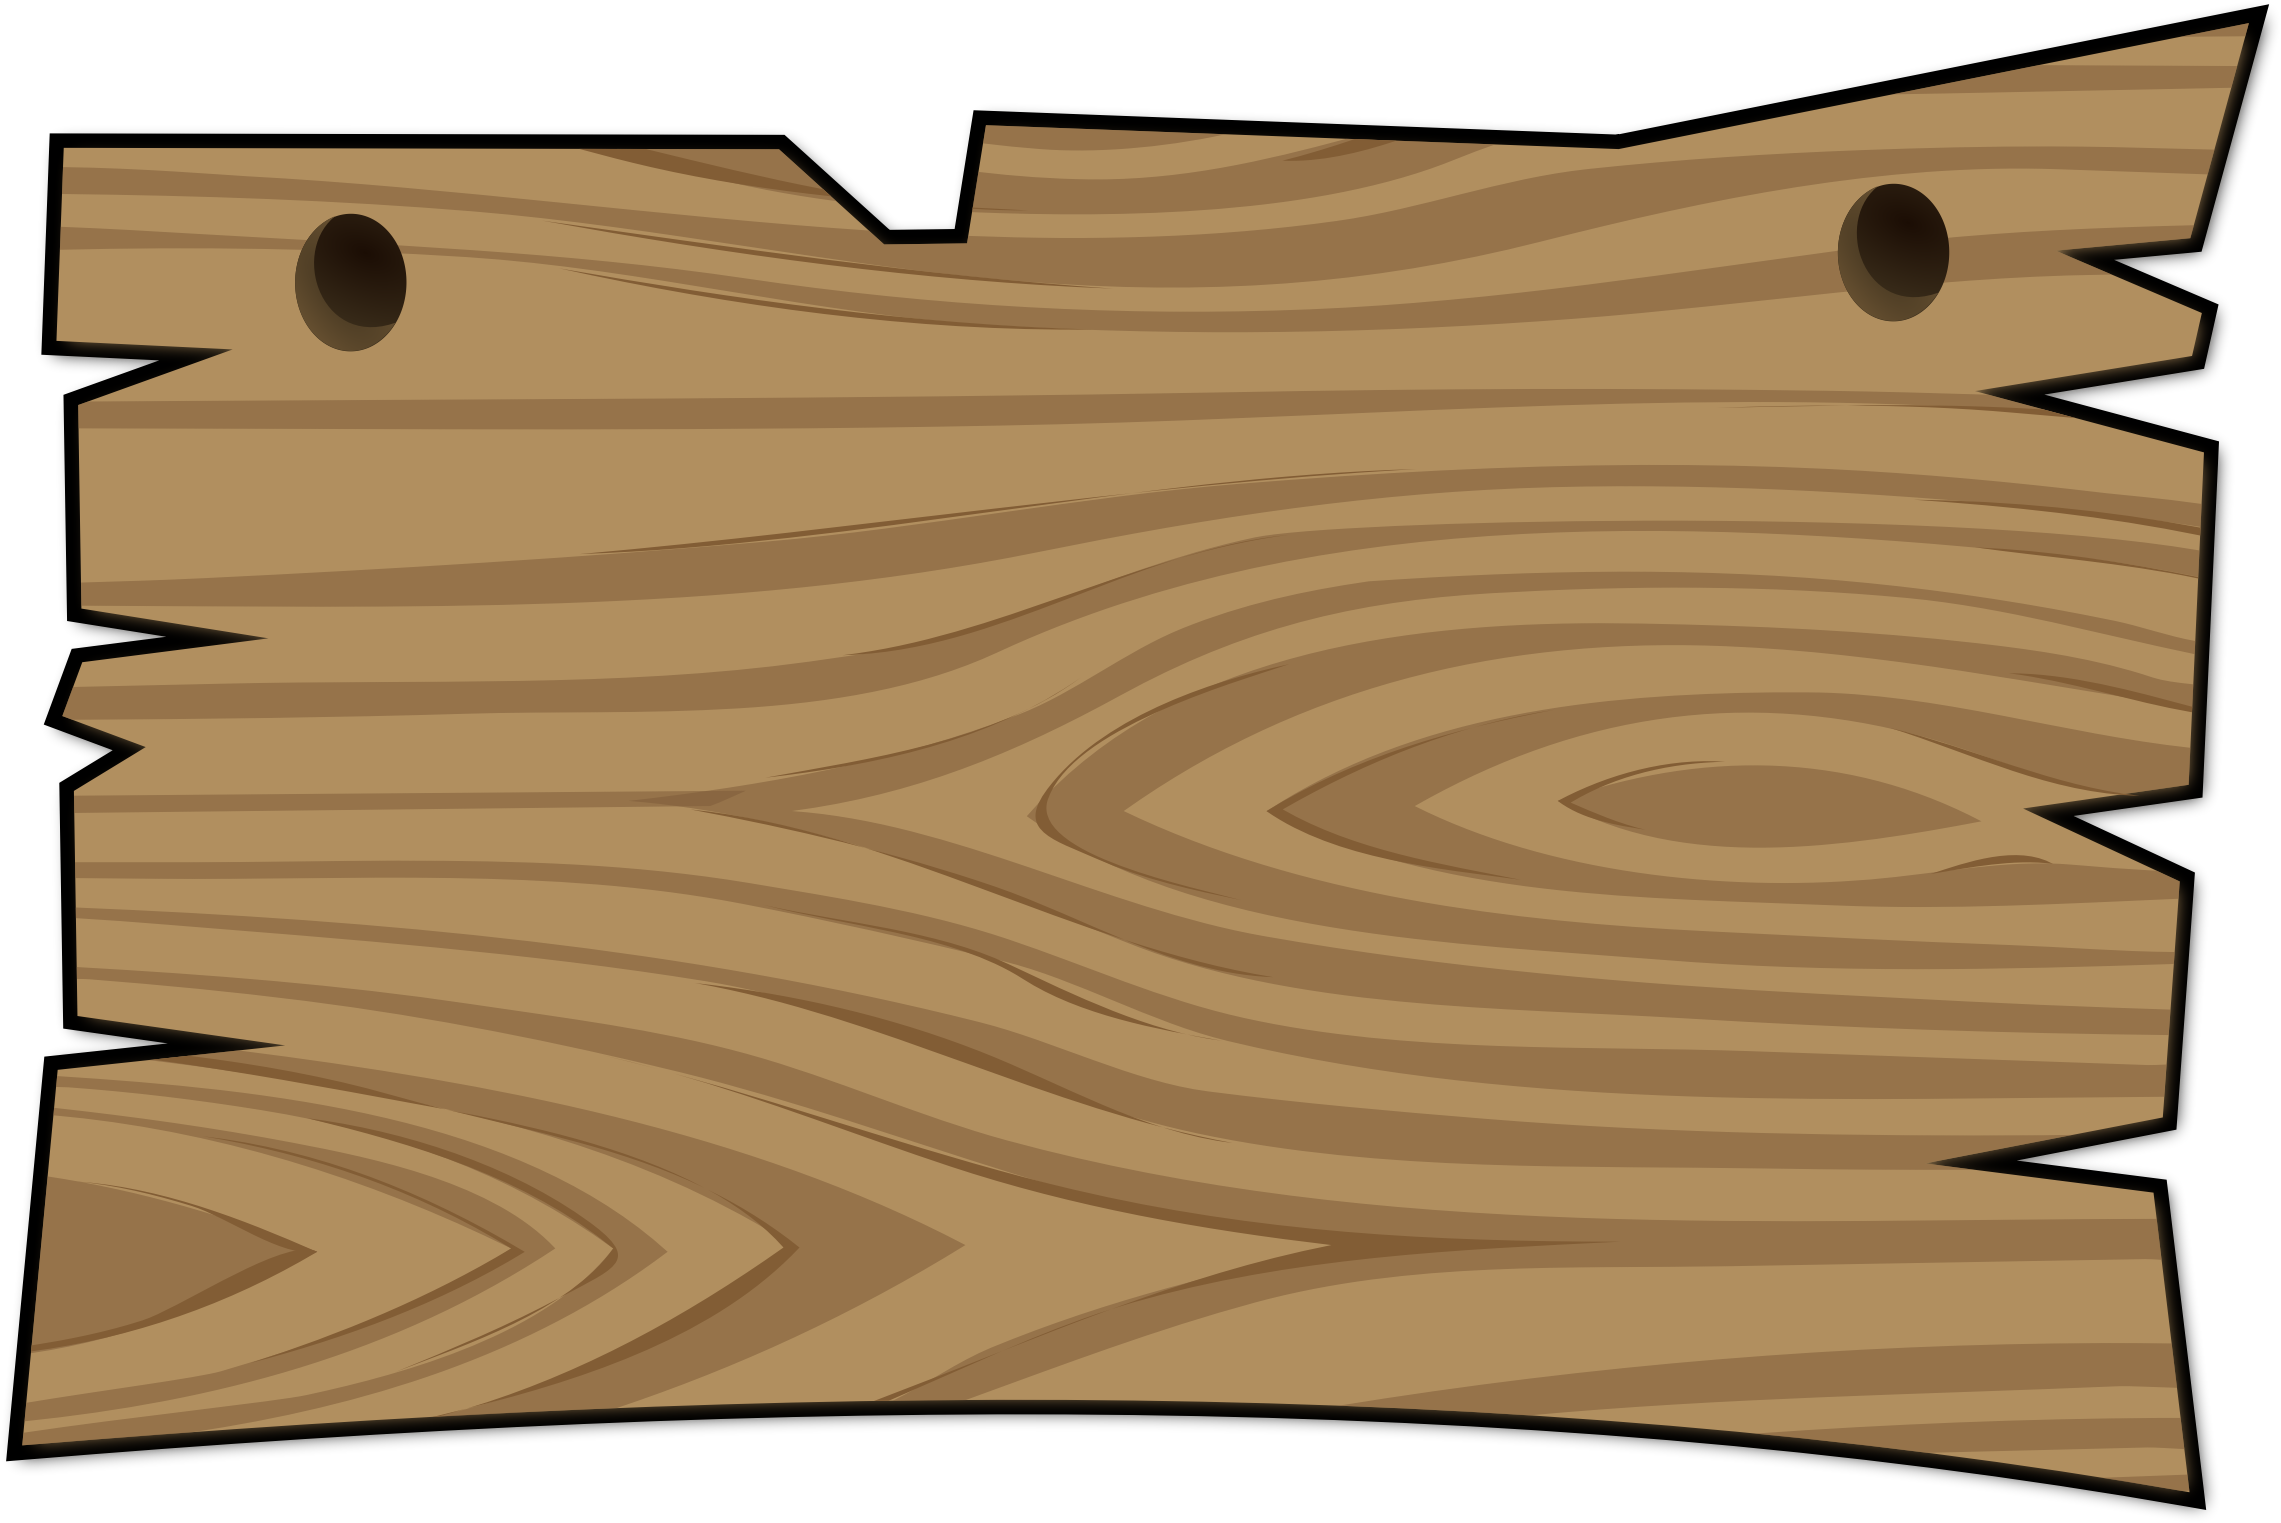 Wood sign clip art.